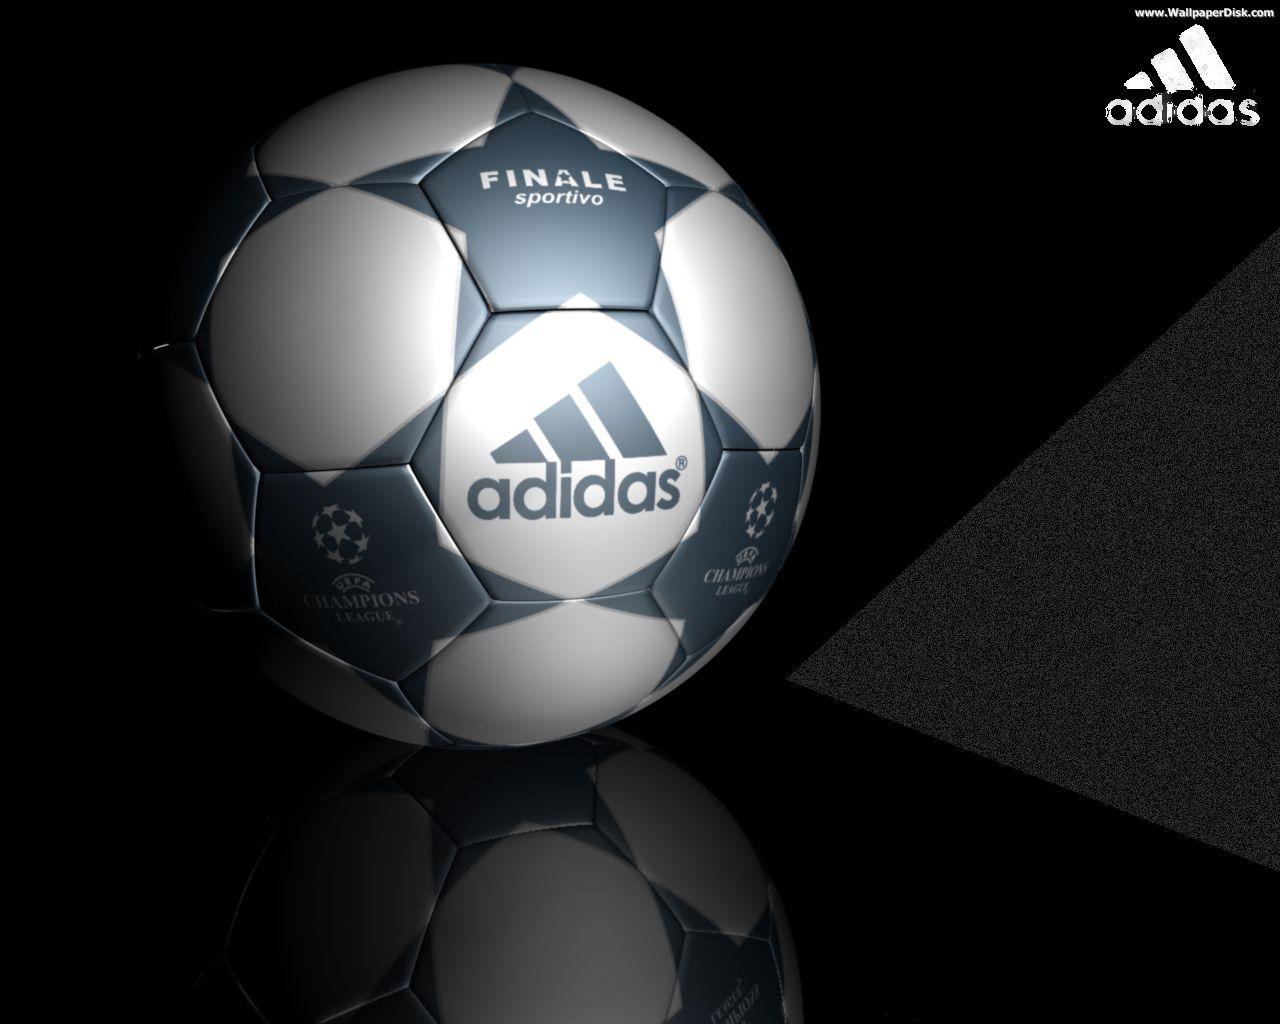 http://2.bp.blogspot.com/-H5Uk1C81Ysk/T0vDW2dF8NI/AAAAAAAAB88/7oxRfo7HjTc/s1600/adidas%20football.jpg